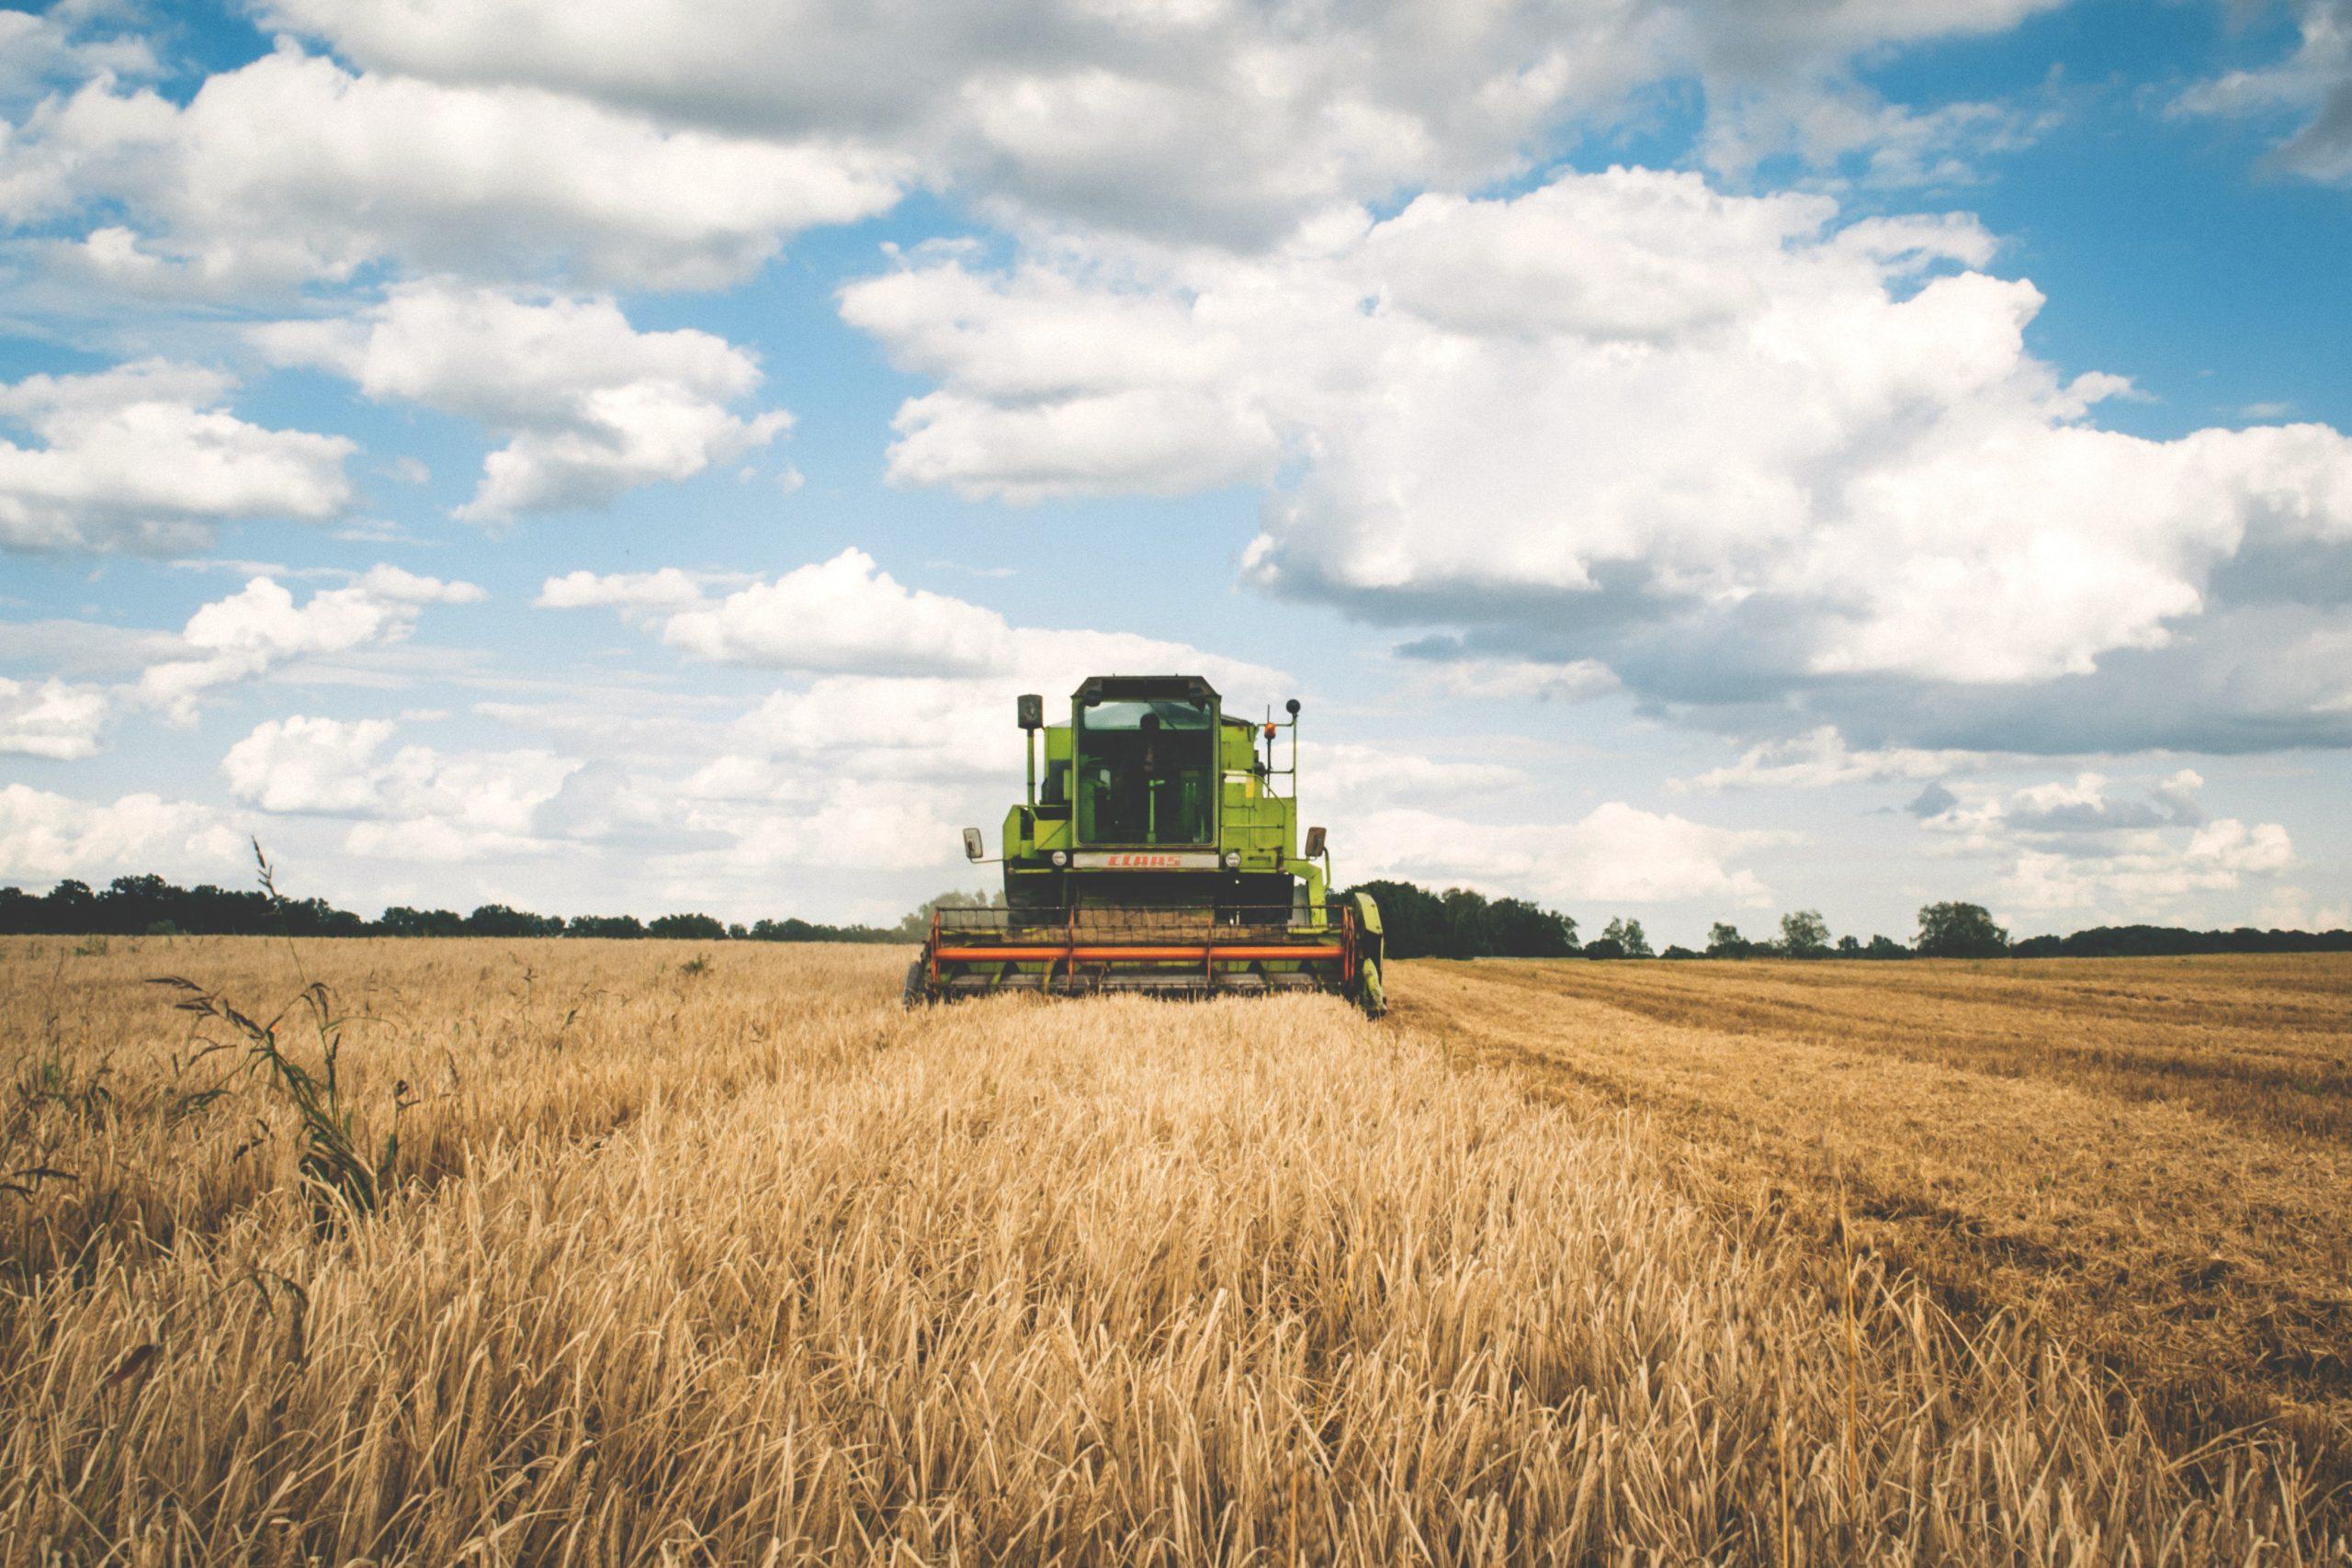 Richard's Blog: Het nieuwe normaal vraagt om innovaties in de landbouwsector